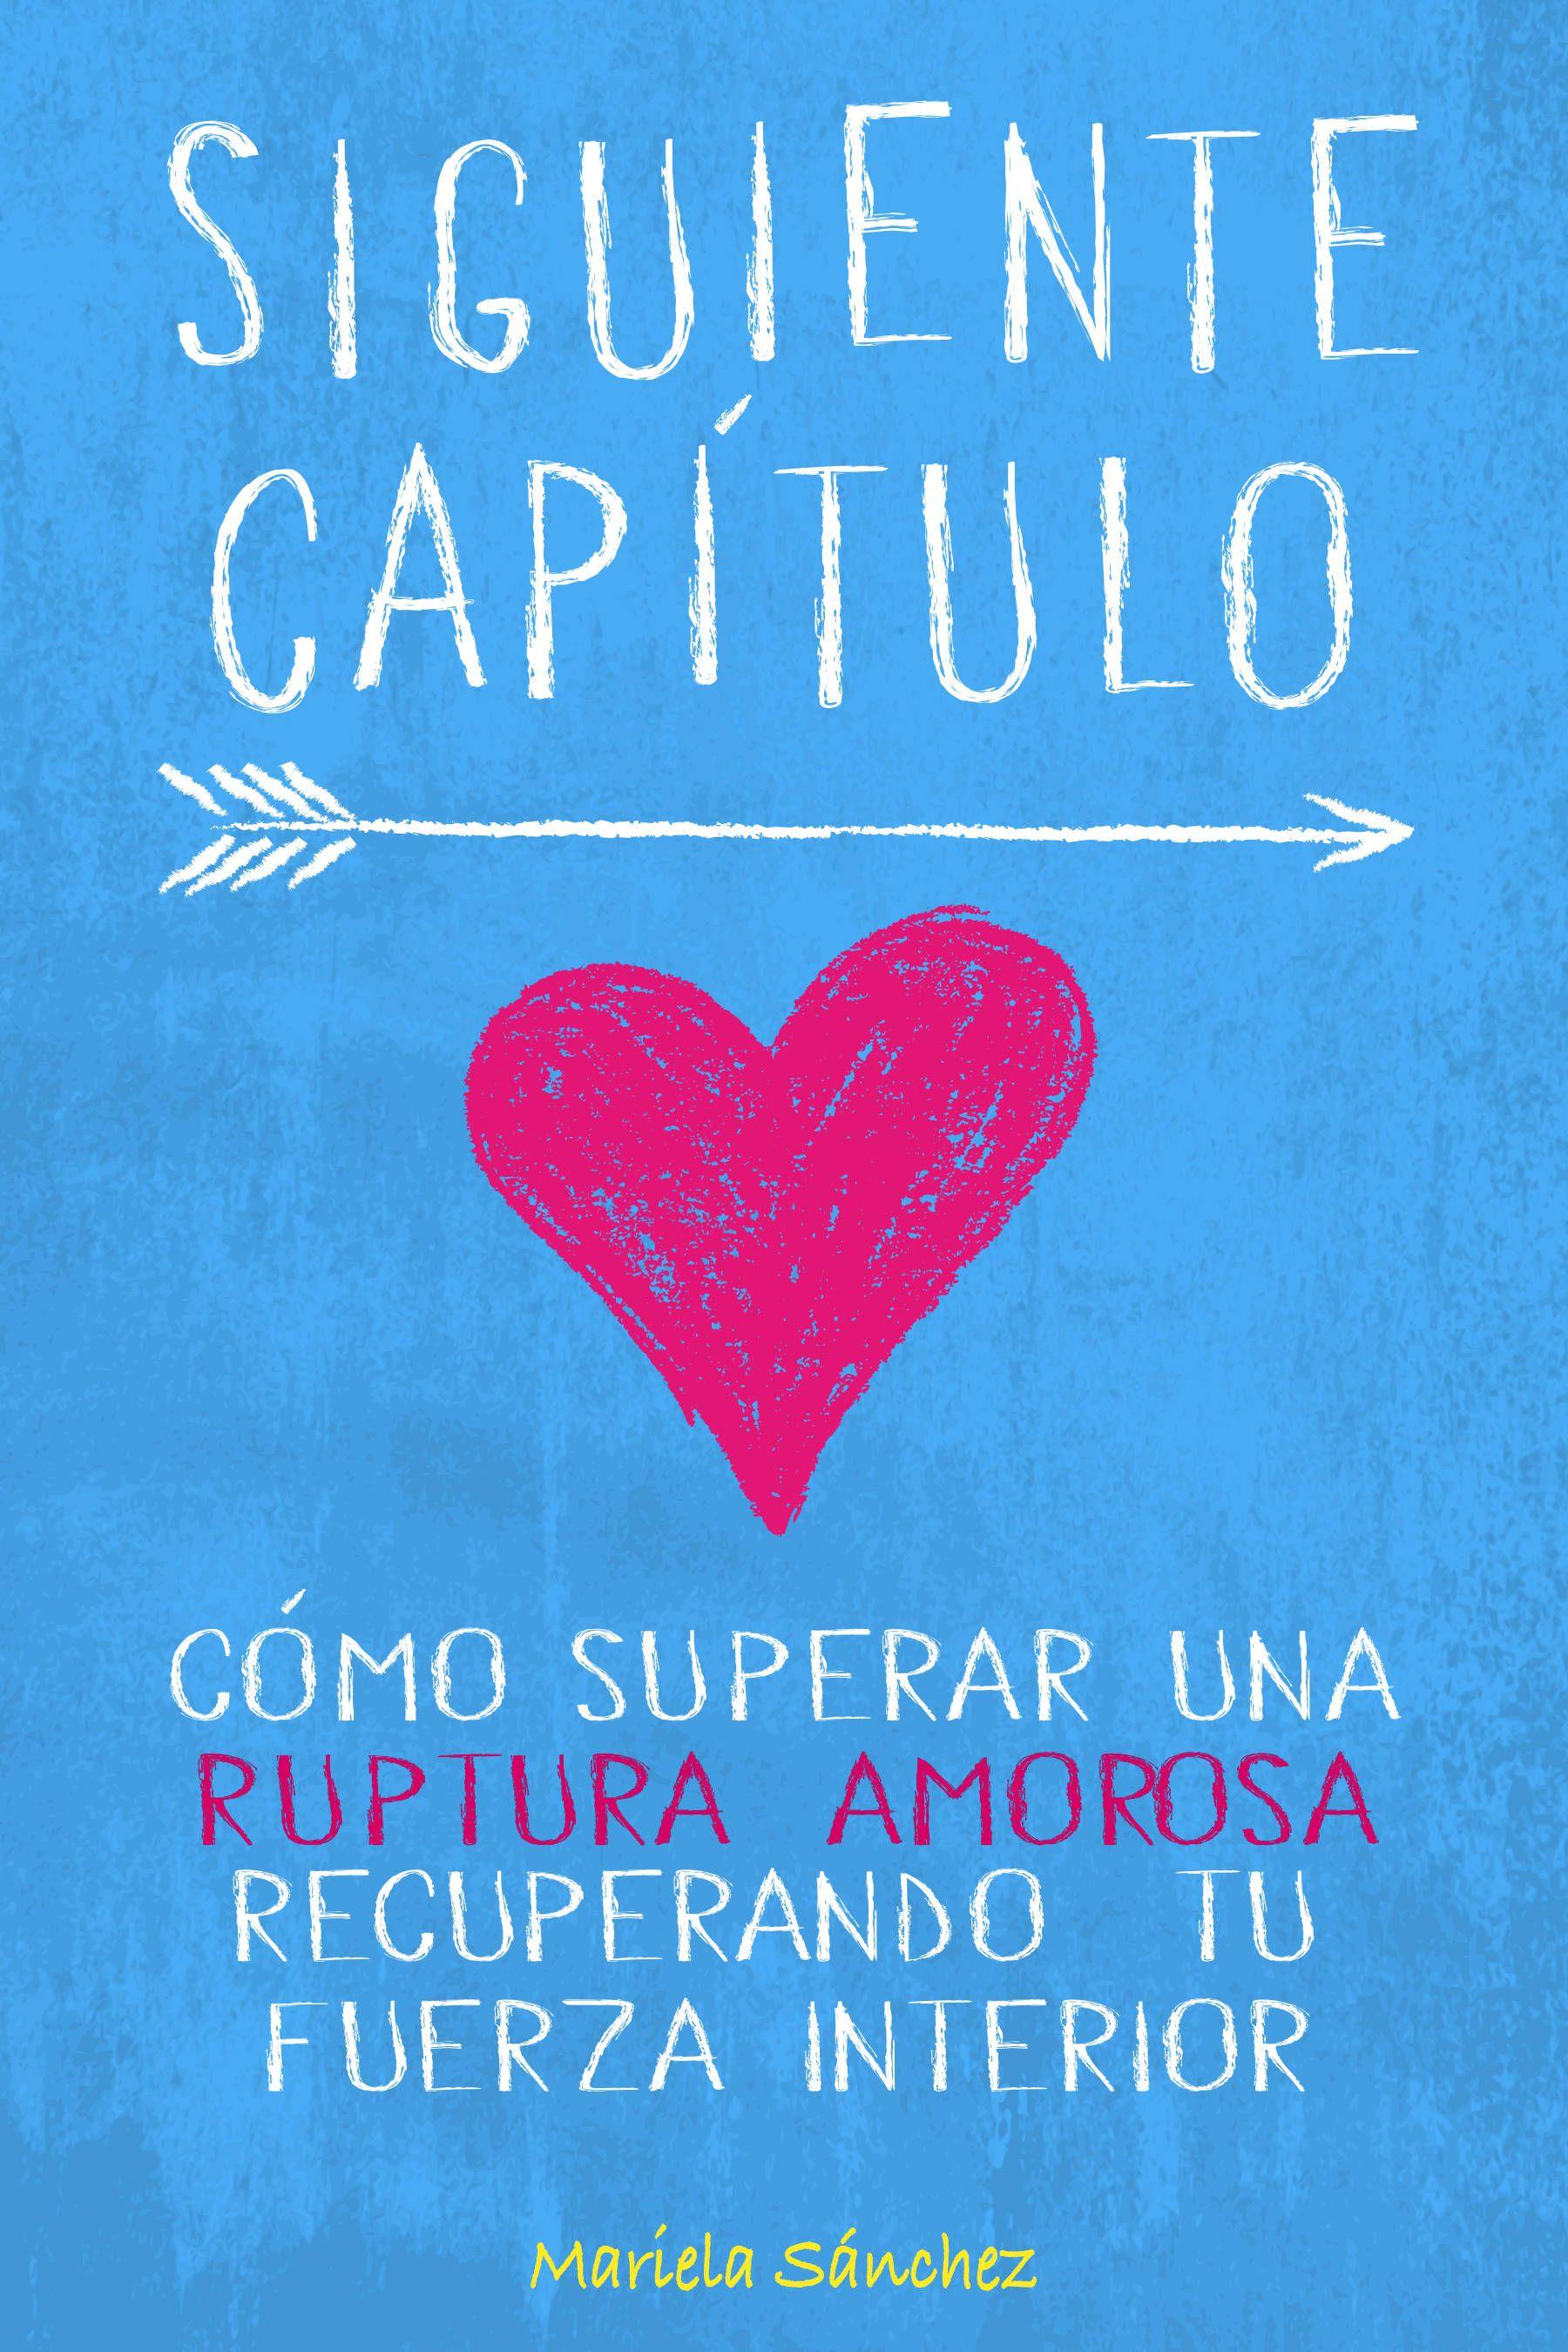 """Libro para superar una ruptura amorosa. Para Mujeres. Descubre cómo superar una ruptura amorosa con el libro para mujeres: """"Siguiente Capítulo"""""""